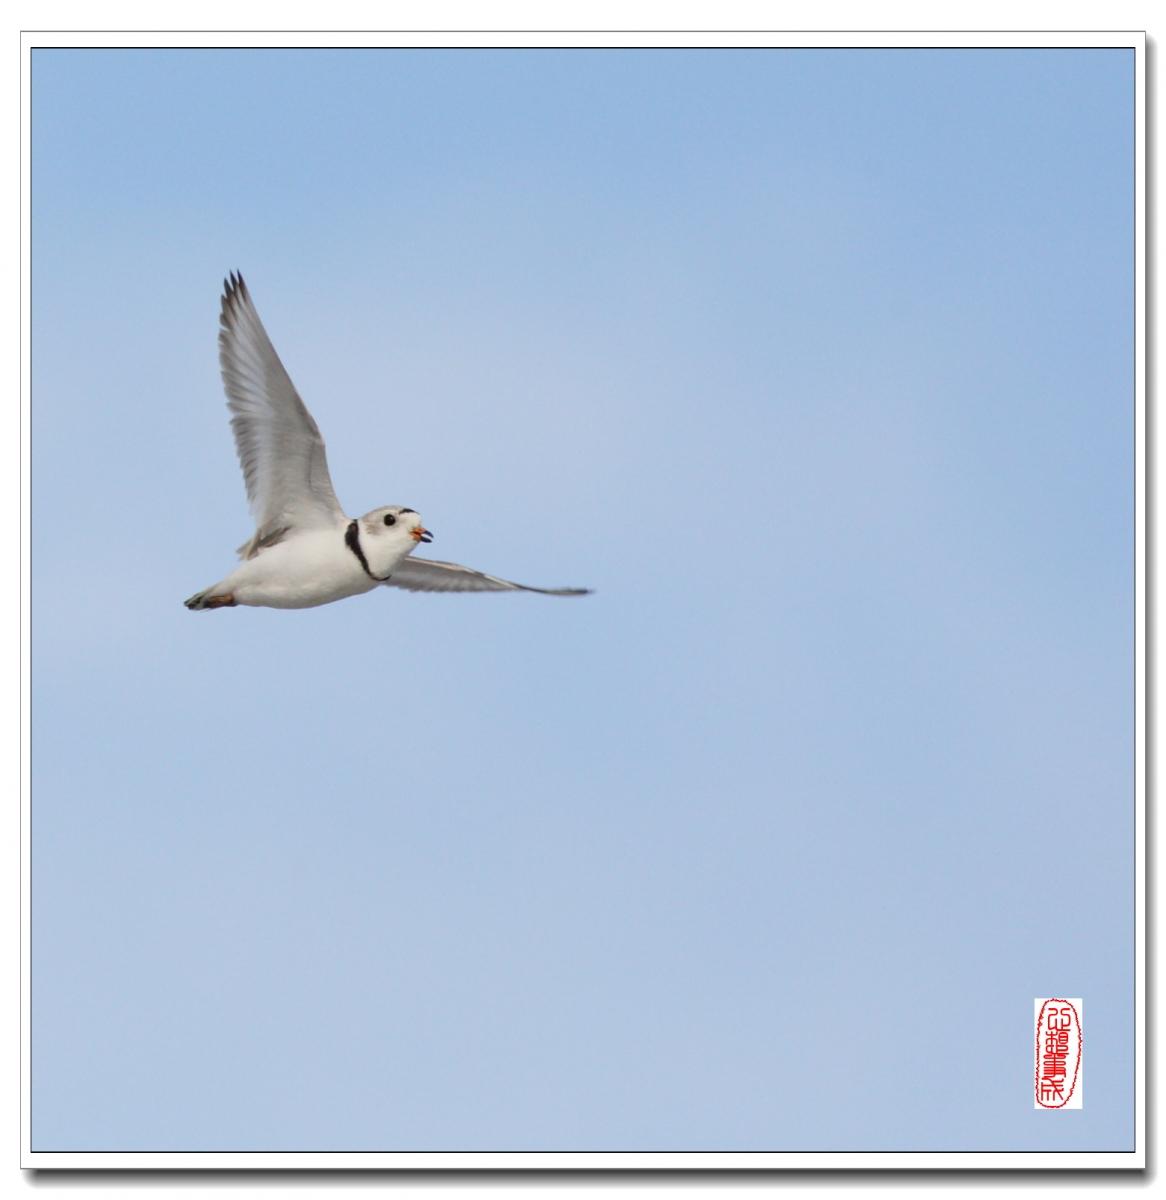 【心想事成】 飞鸟随拍图之二_图1-5